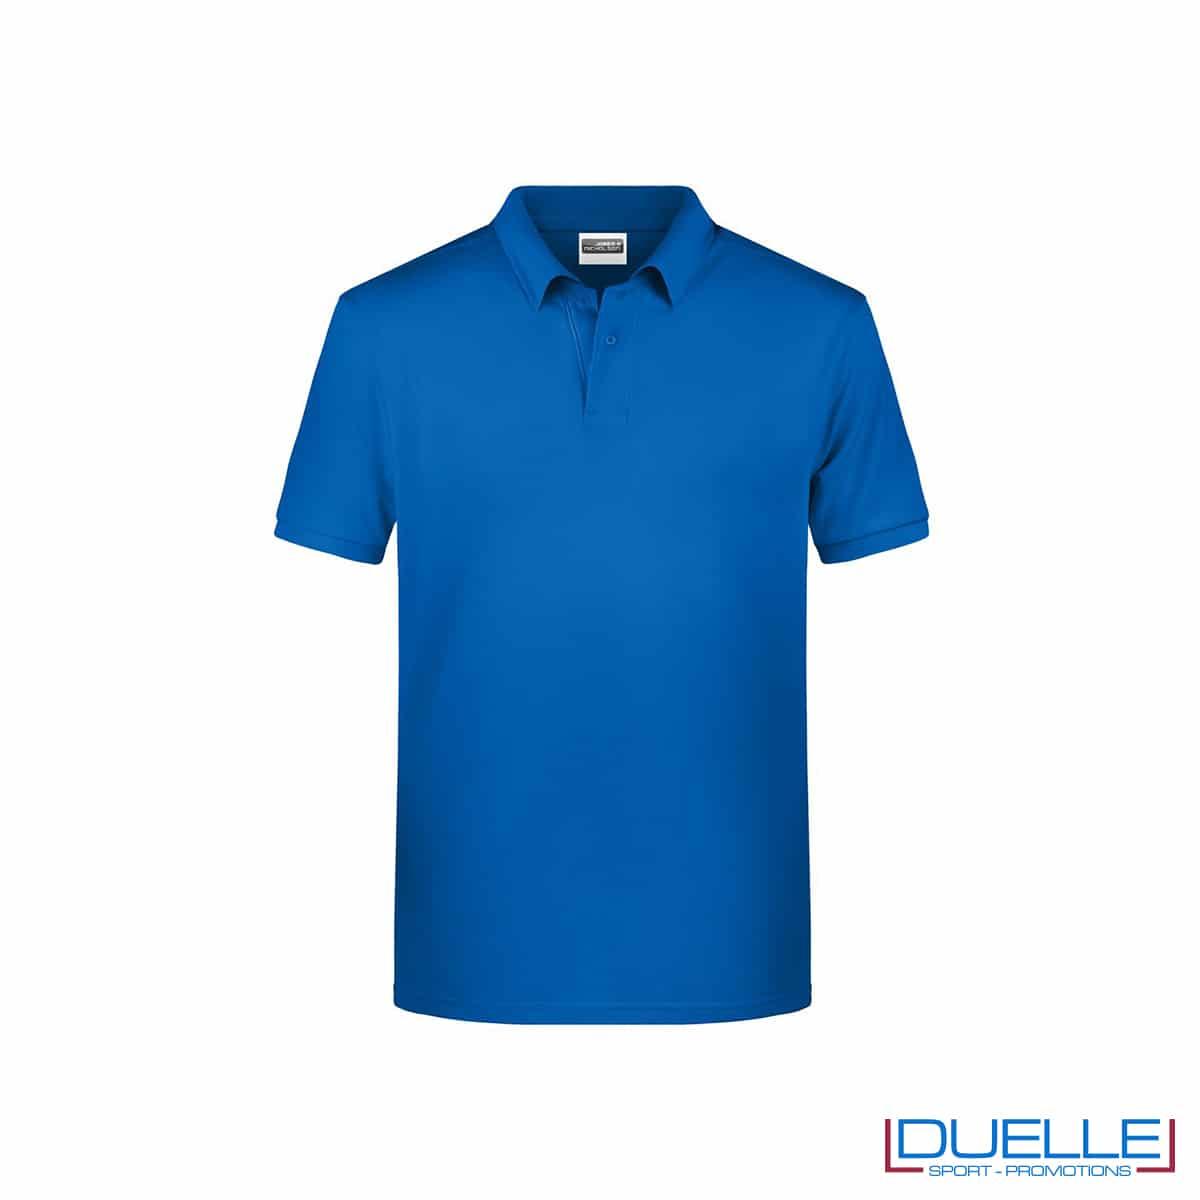 Polo ecologica 100% cotone organico colore blu royal